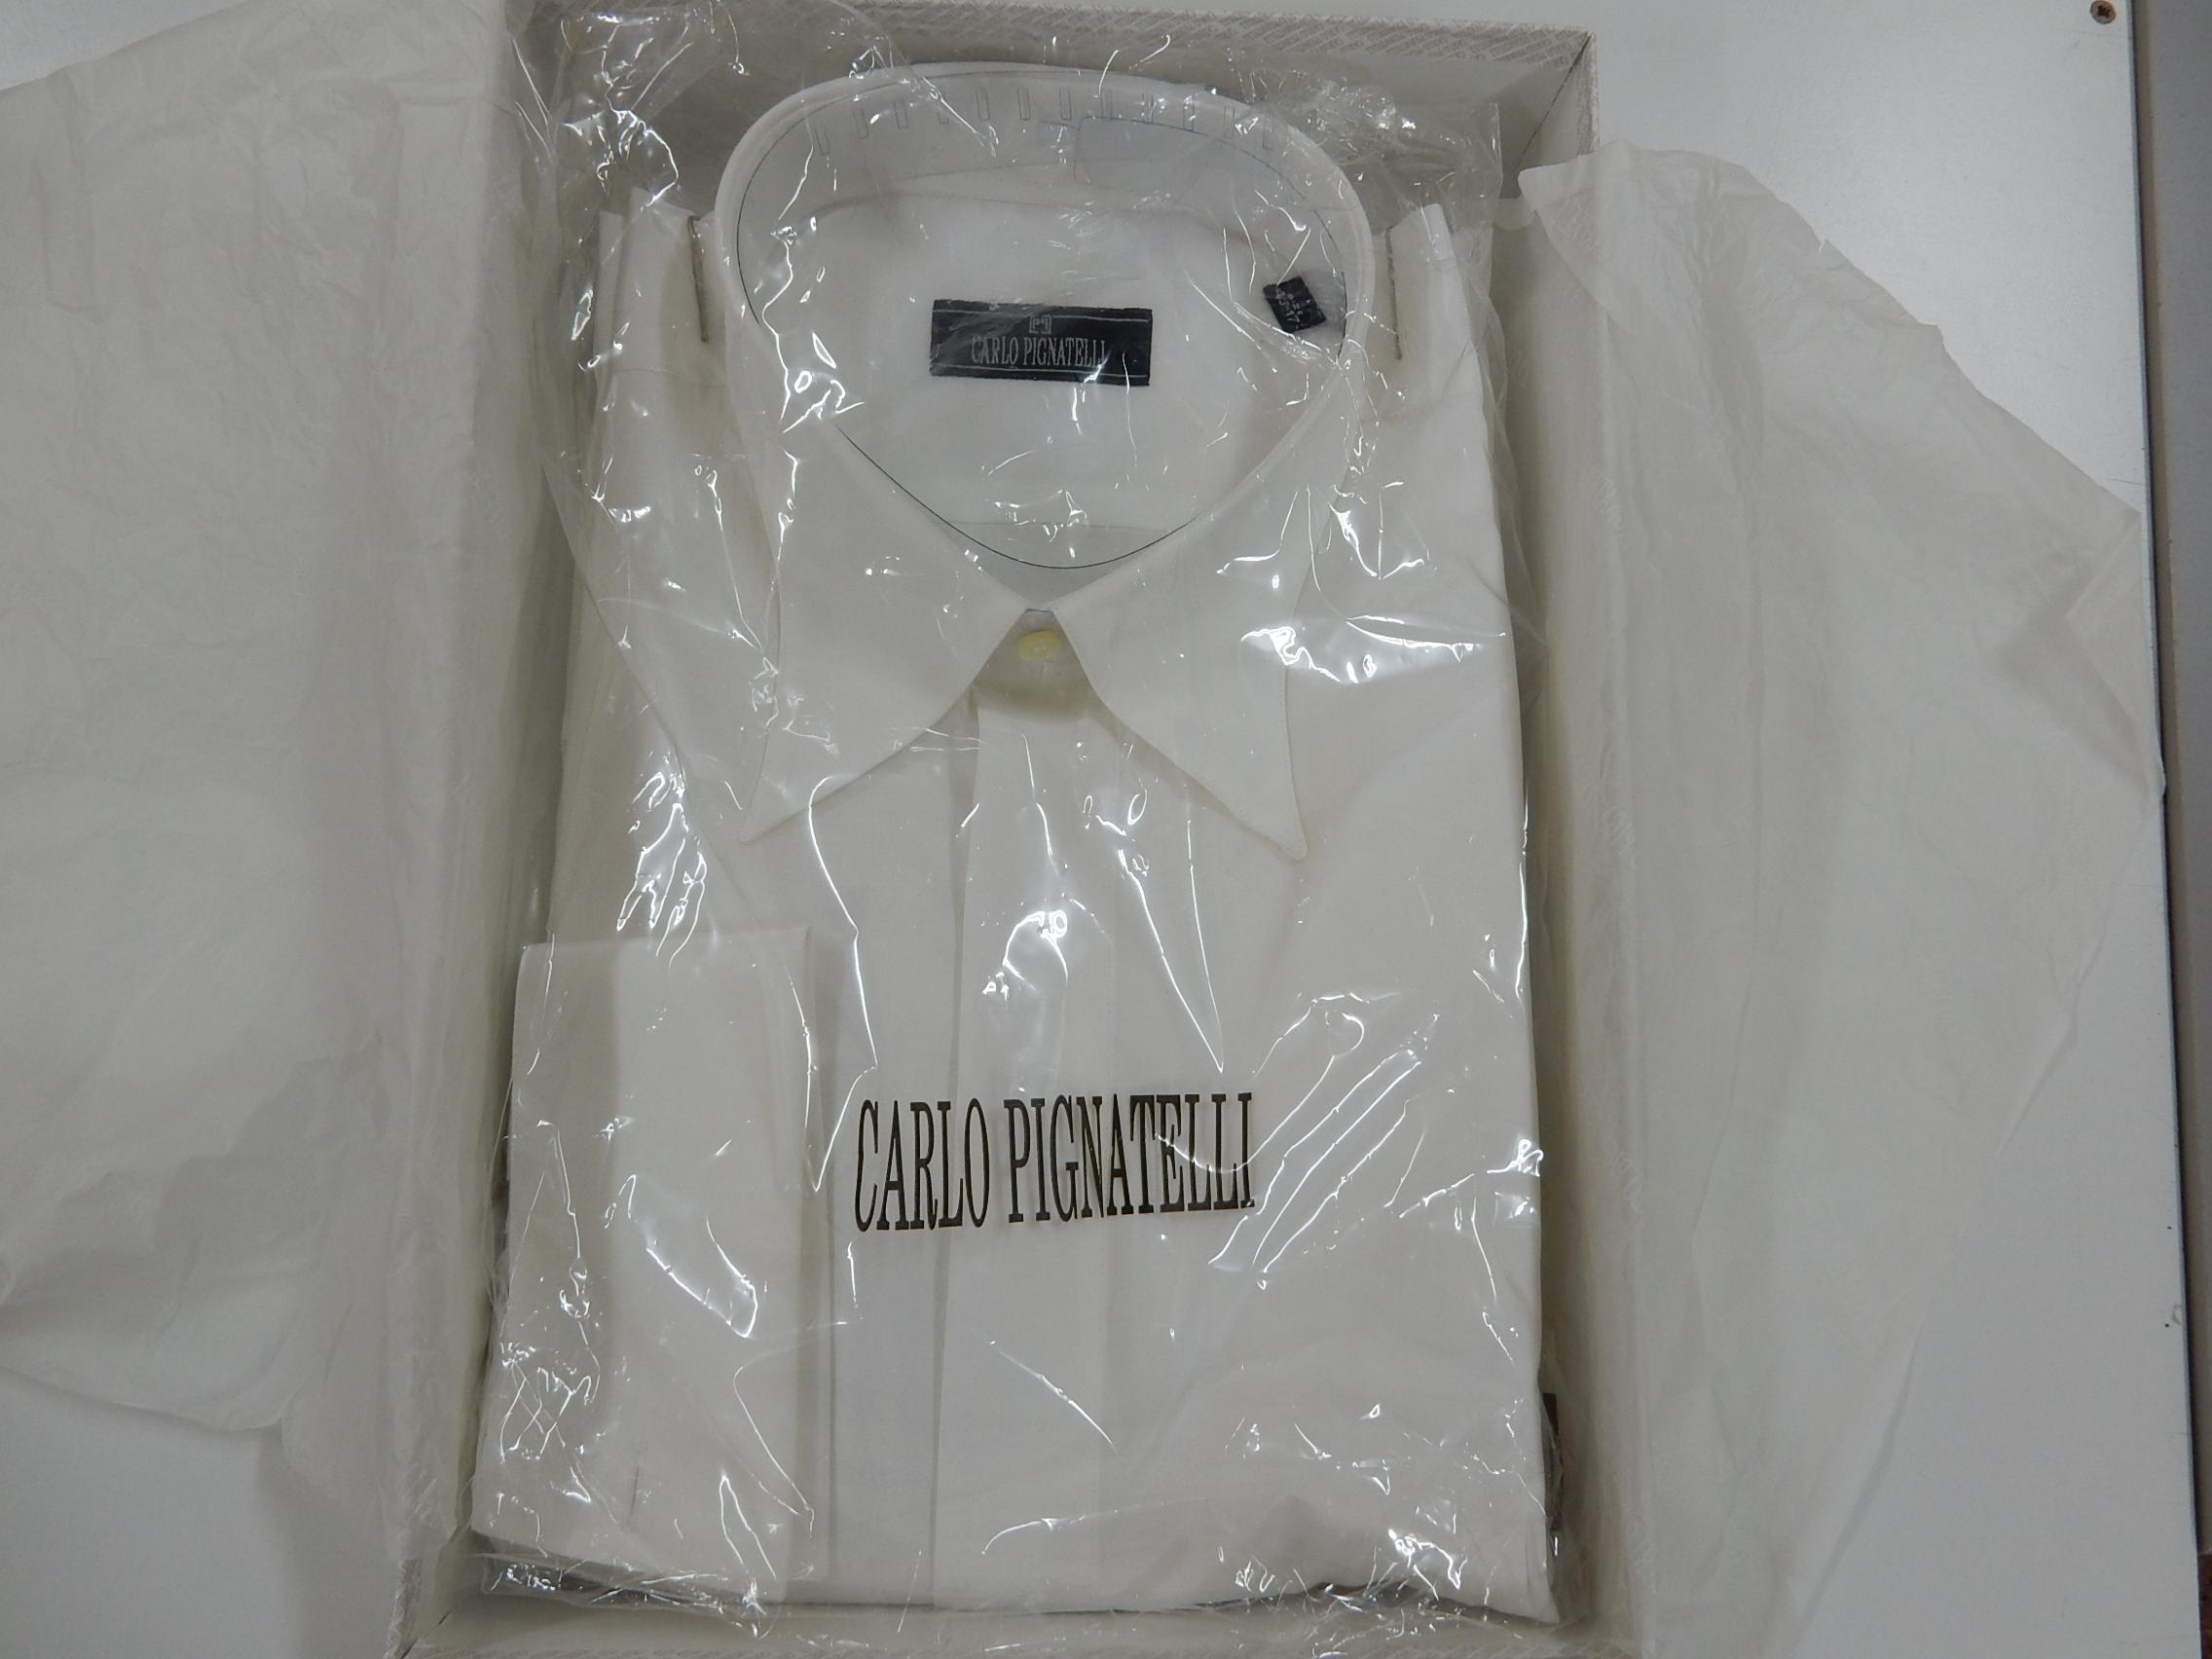 Rif. 20) Camicia Carlo Pignatelli taglia 41